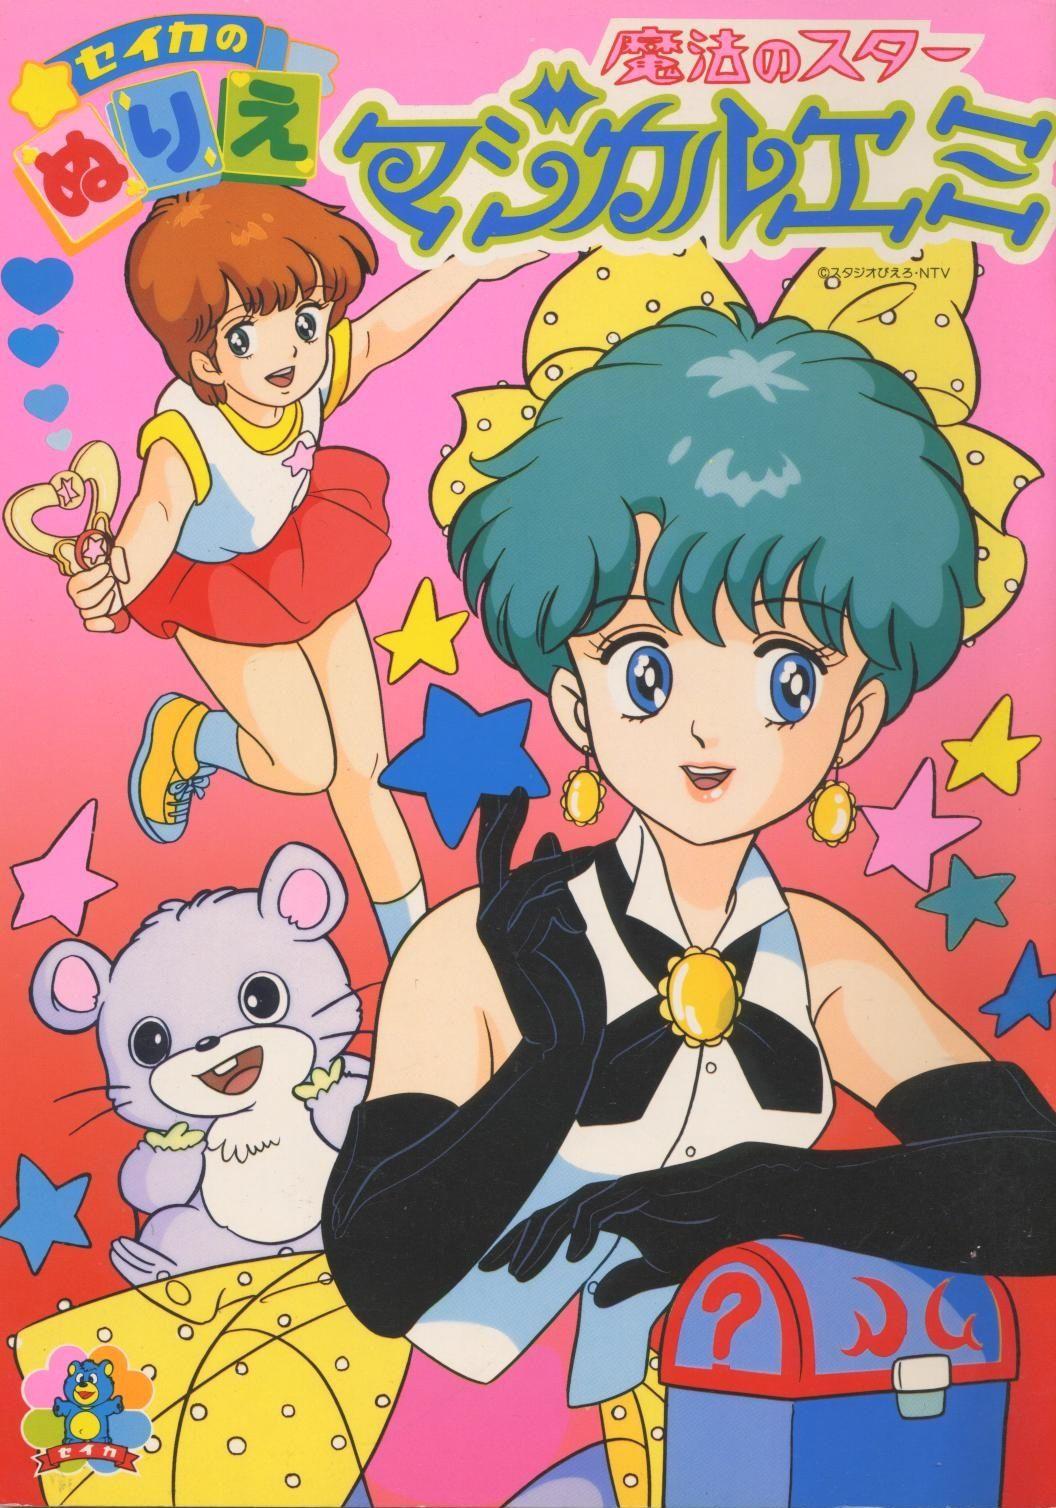 マジカルエミ Animemanga In 2019 魔法少女 90年代 アニメ アニメ